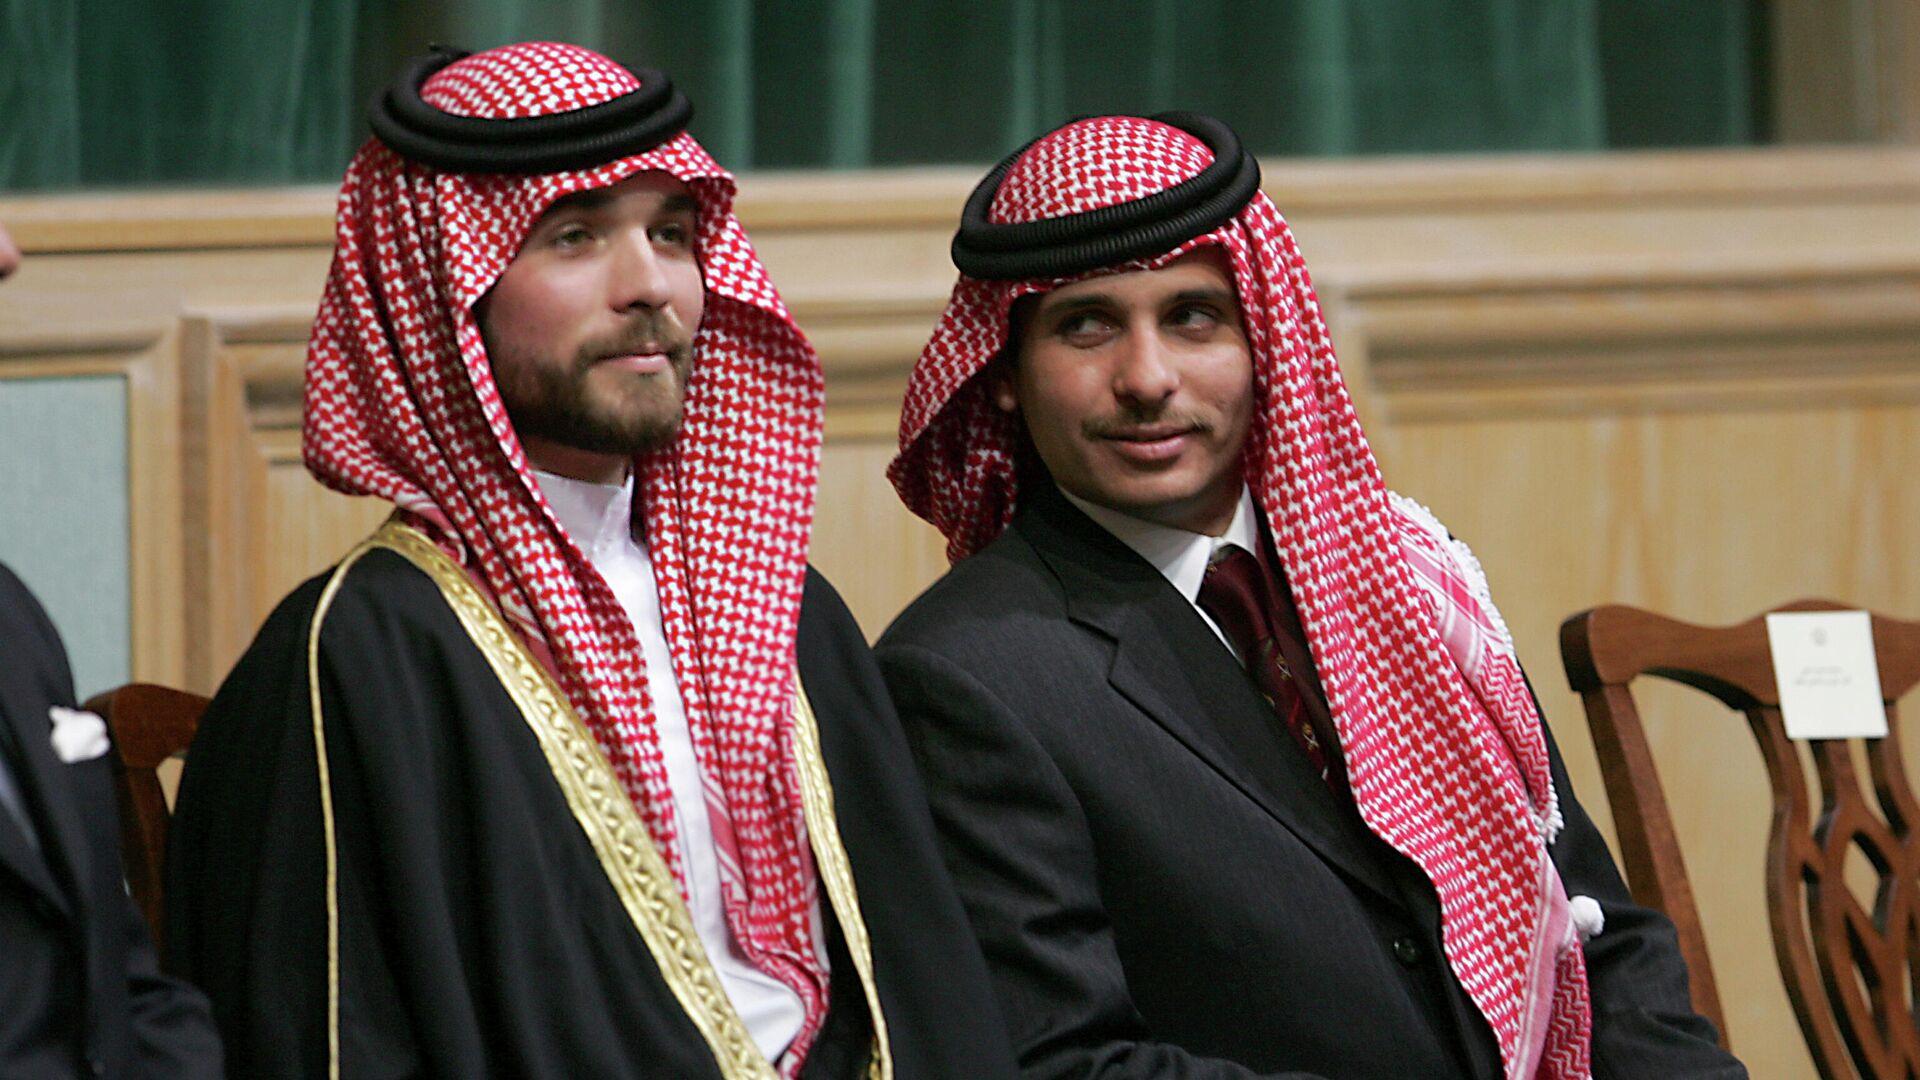 Principe giordano Hamzah bin Hussein (destra), con un fratello, il principe Hashem bin Hussein (sinistra), all'apertura del Parlamento a Amman, Giordania, 2006 - Sputnik Italia, 1920, 30.05.2021